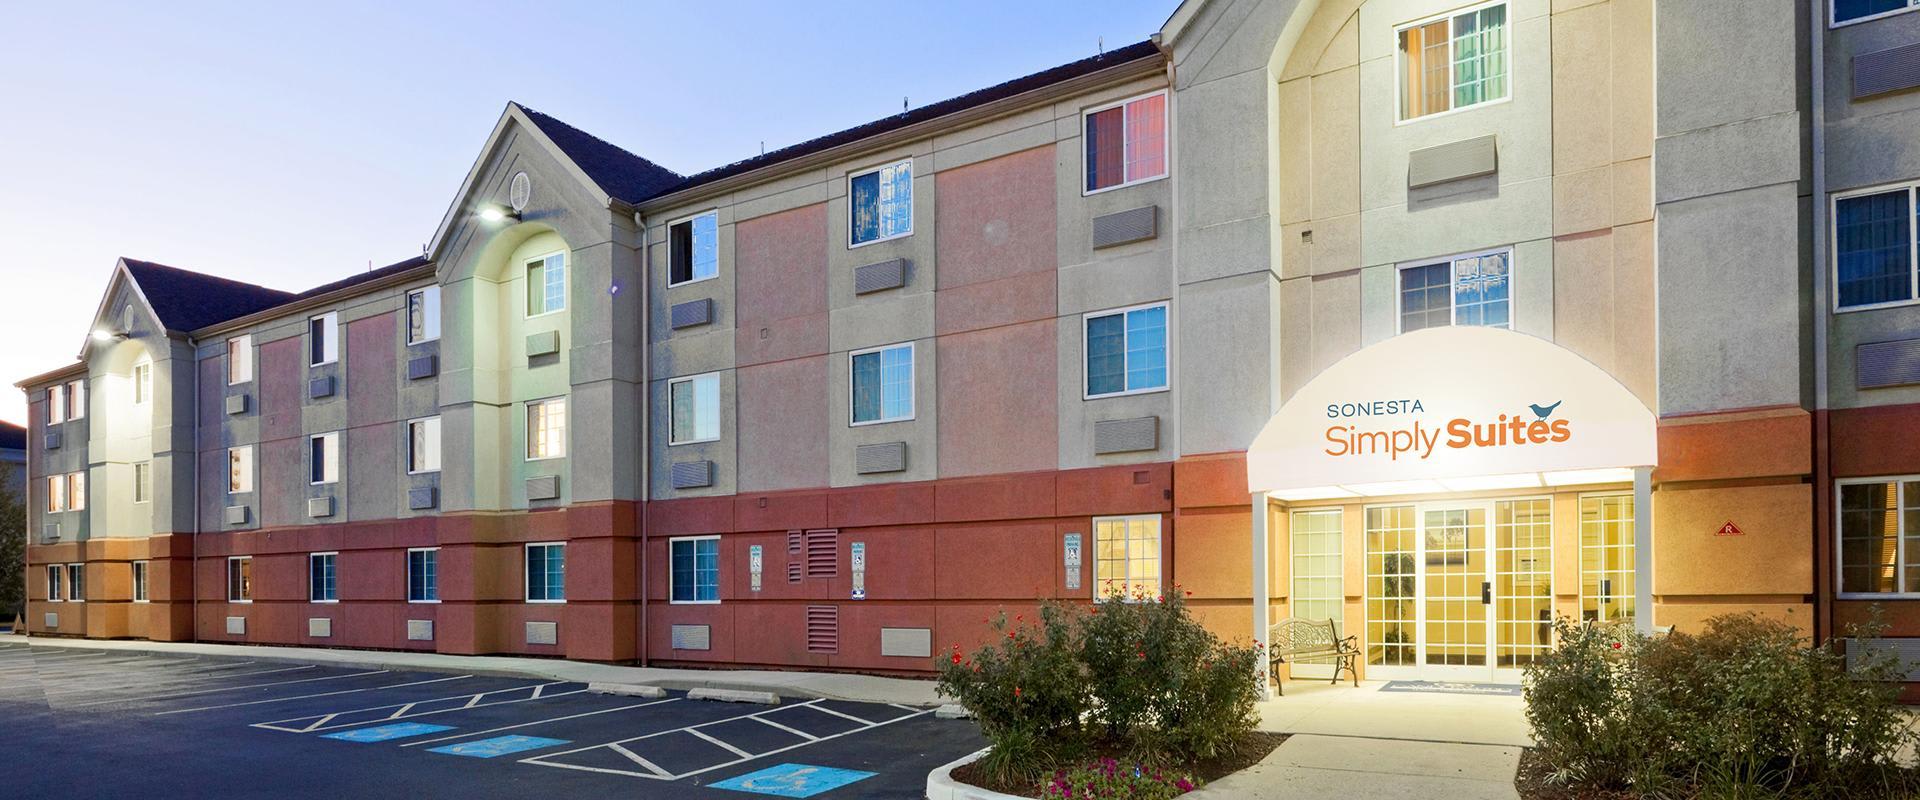 Sonesta Simply Suites Philadelphia Mount Laurel Hotel Exterior